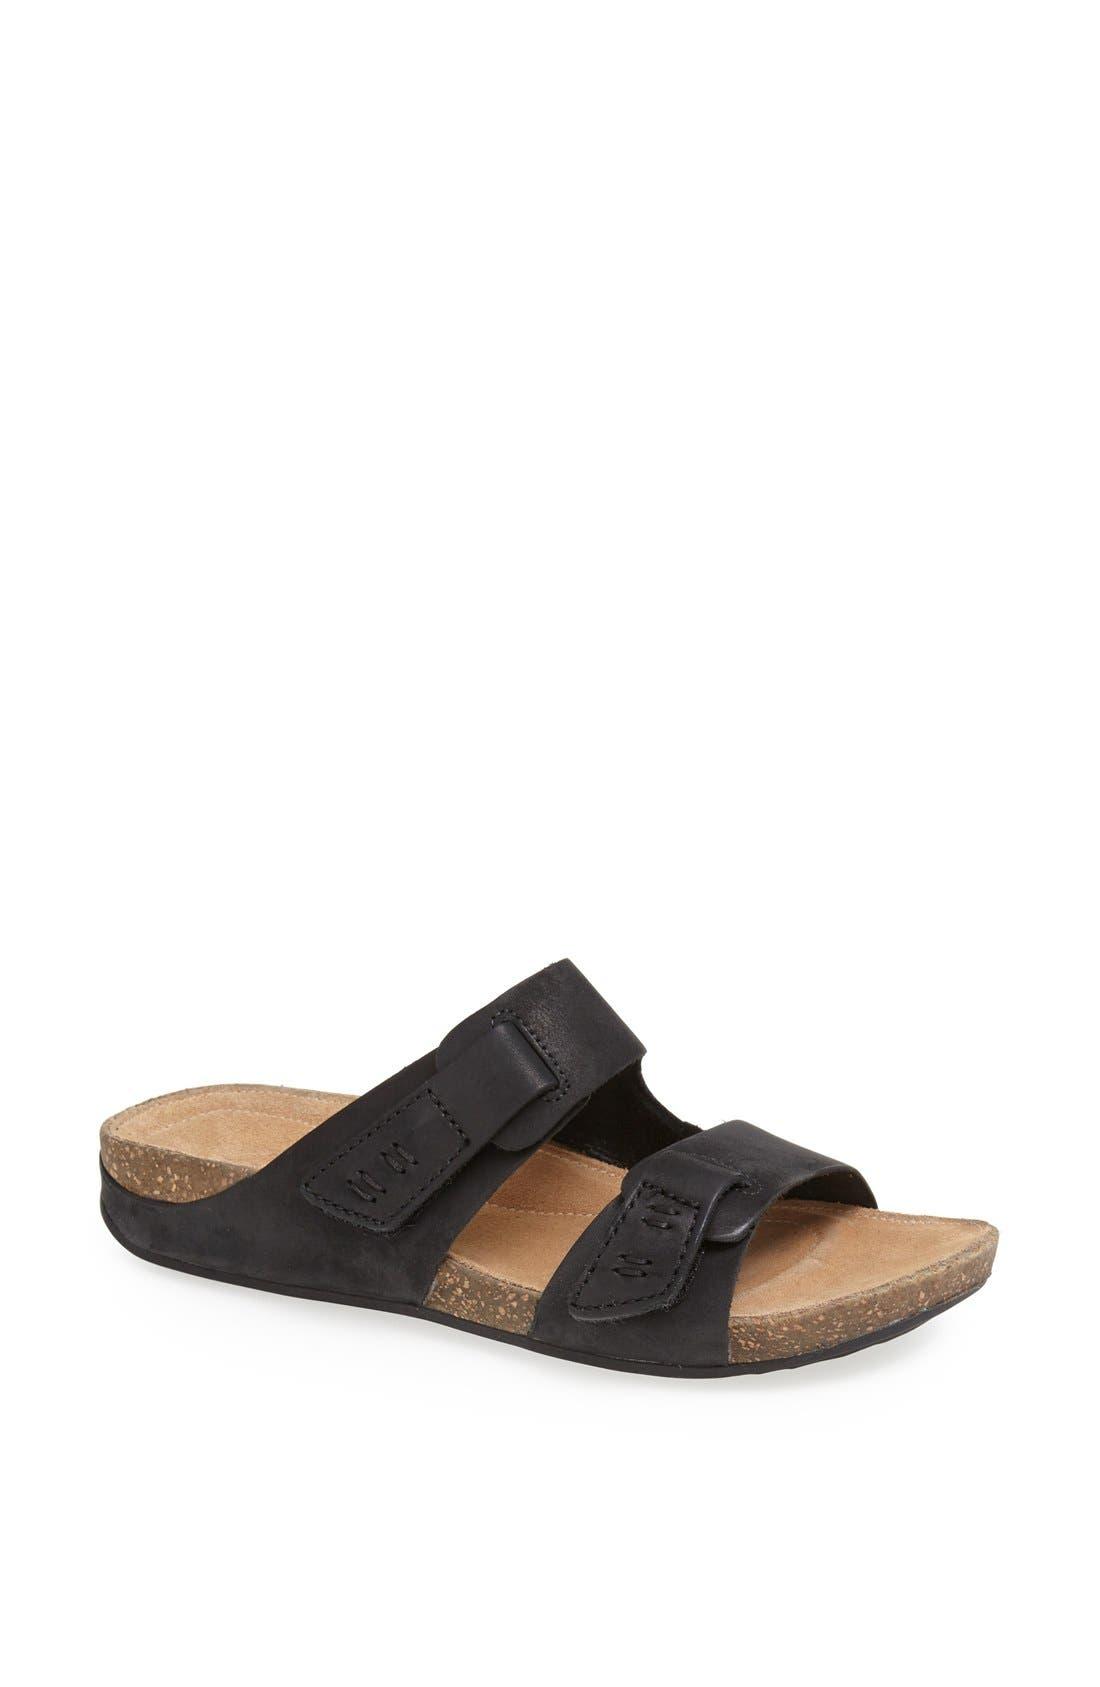 'Perri Coast' Leather Thong Sandal,                         Main,                         color, 005